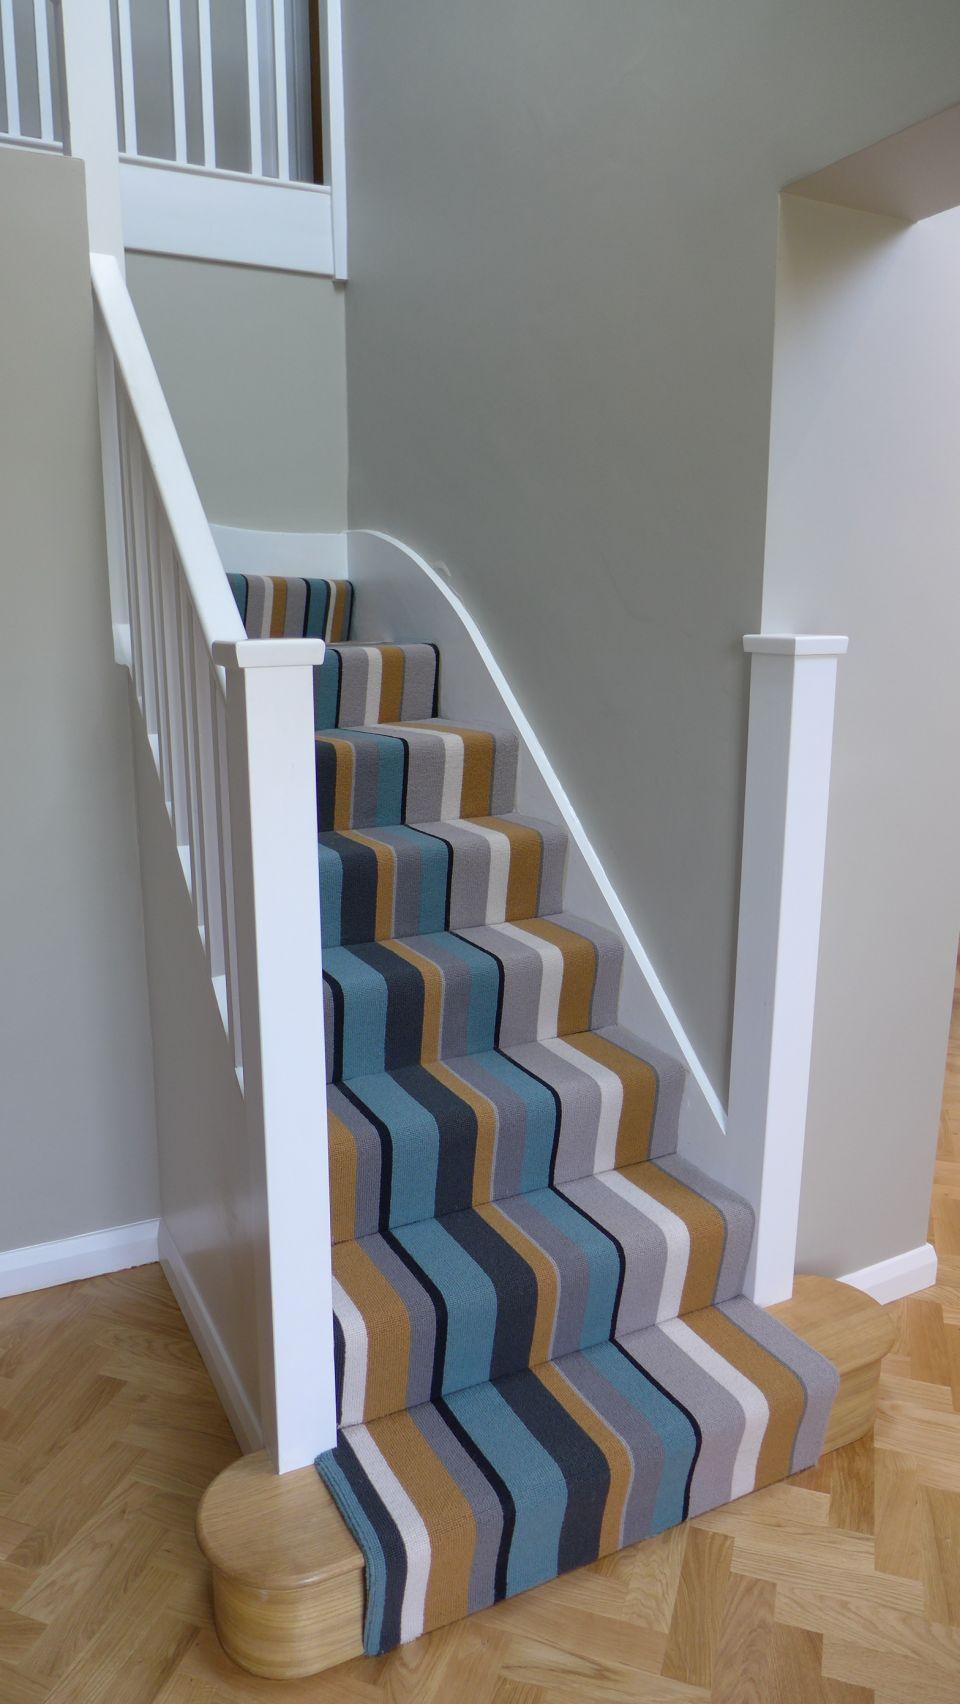 parquet floor to striped stair carpet